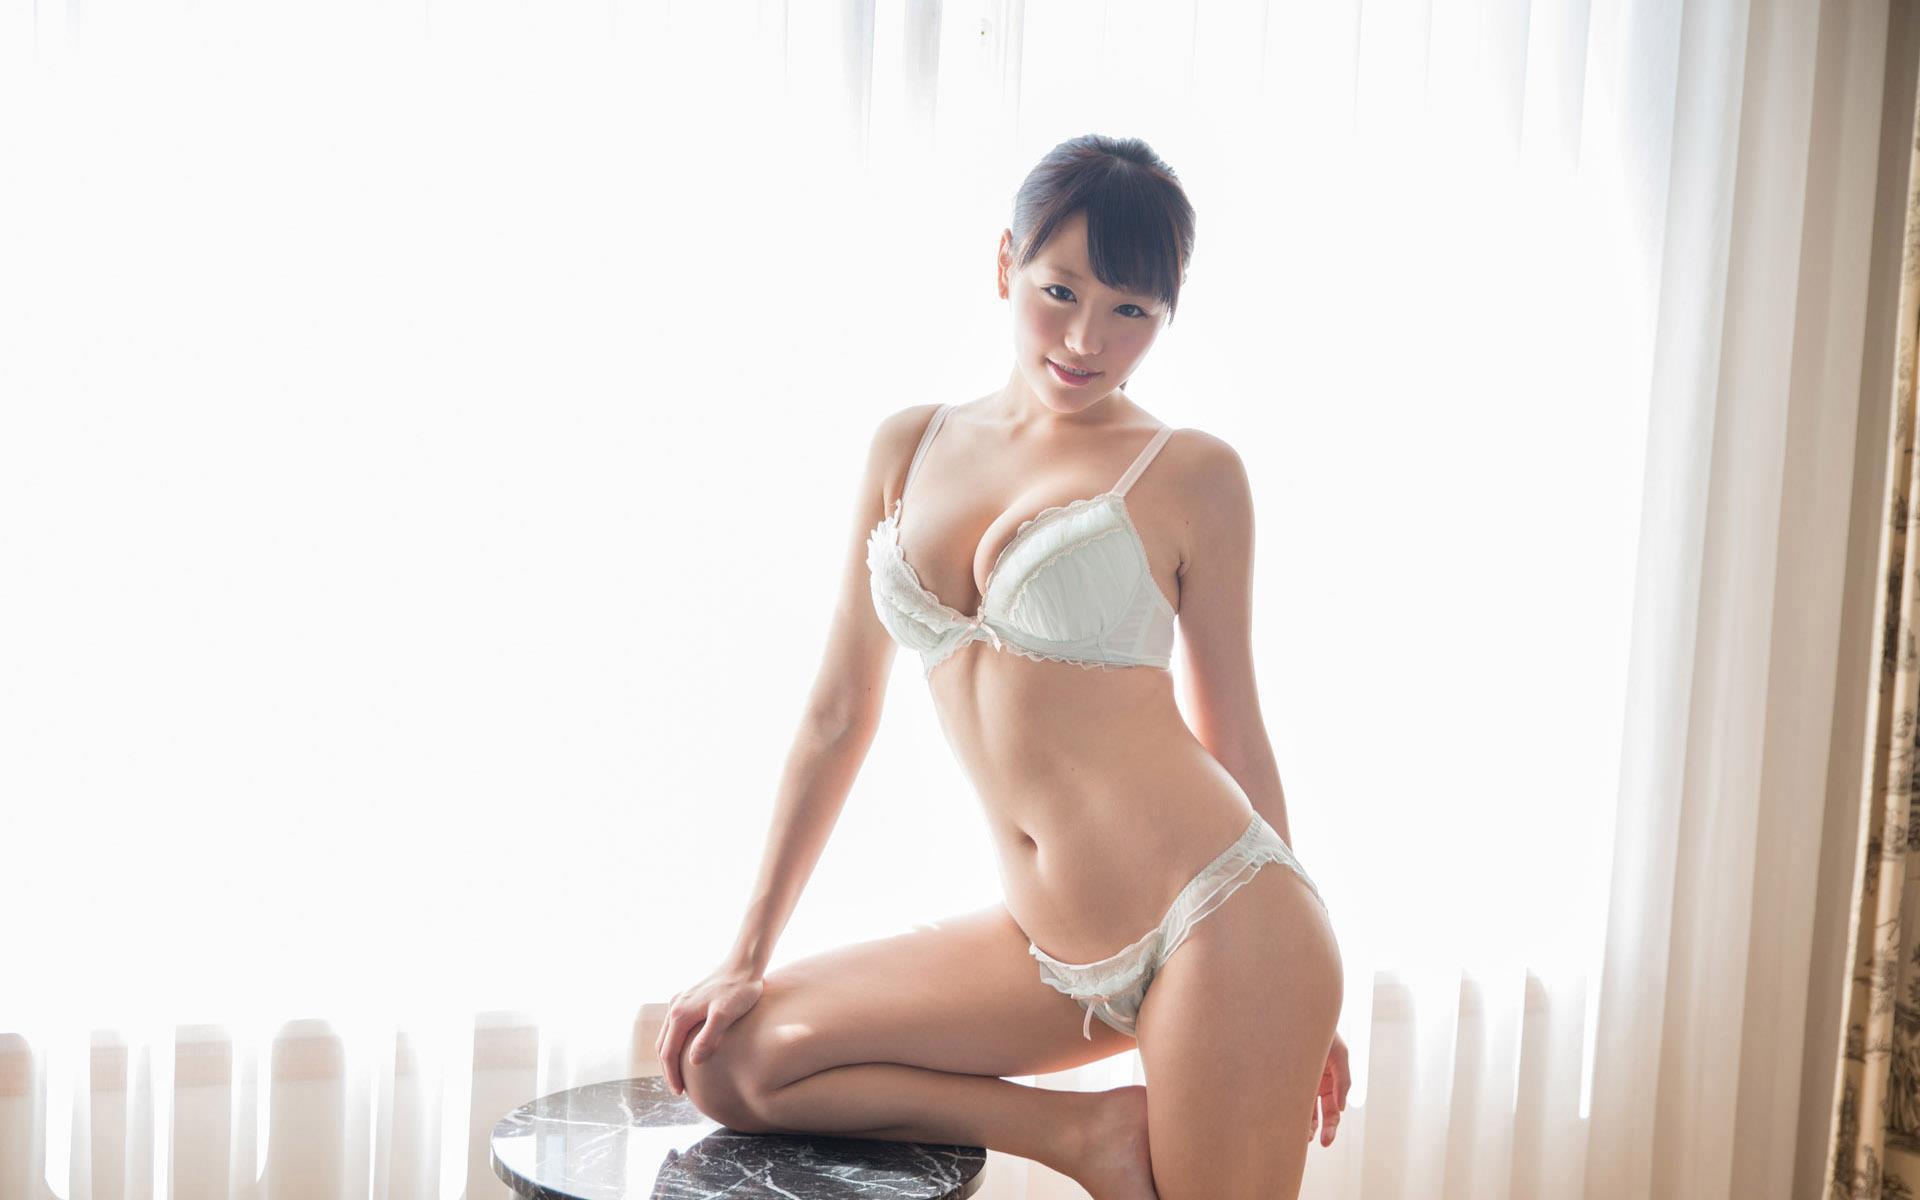 浜崎真緒(はまさきまお) ロリ顔ポニーテール、色白柔らかそうなおっぱいに包まれるセックスAV女優画像 143枚 No.119